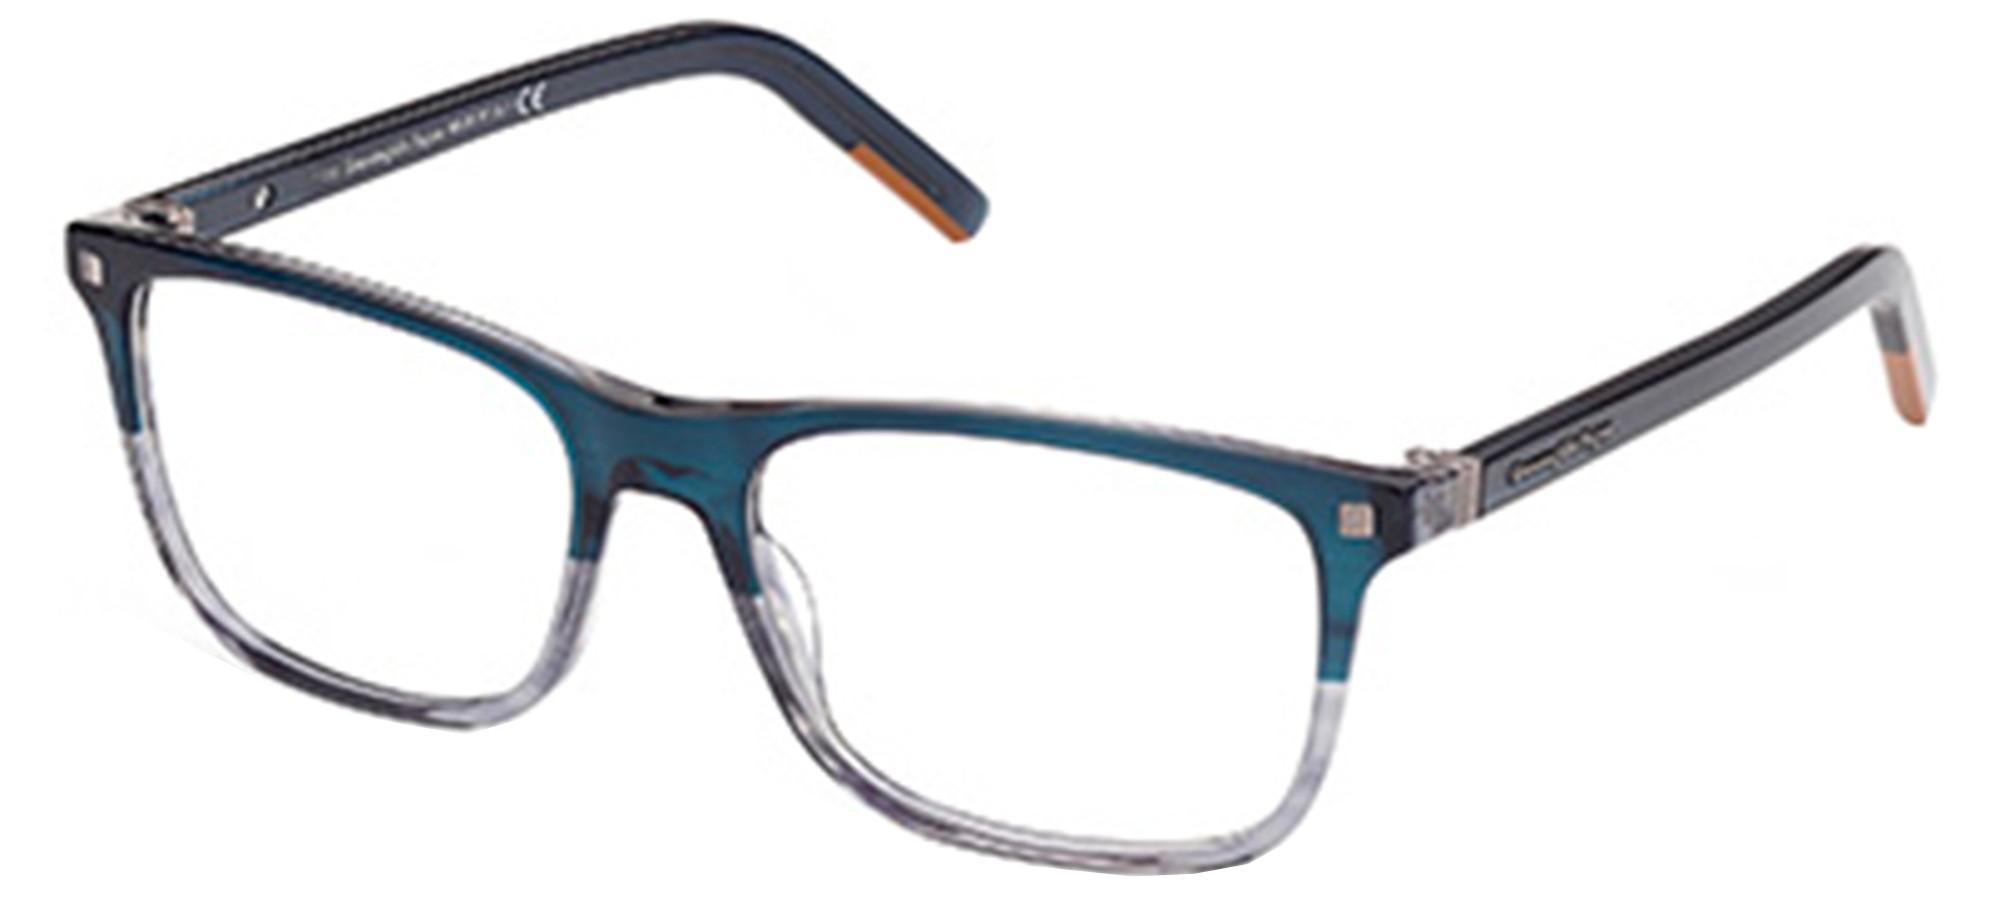 Ermenegildo Zegna eyeglasses EZ5187